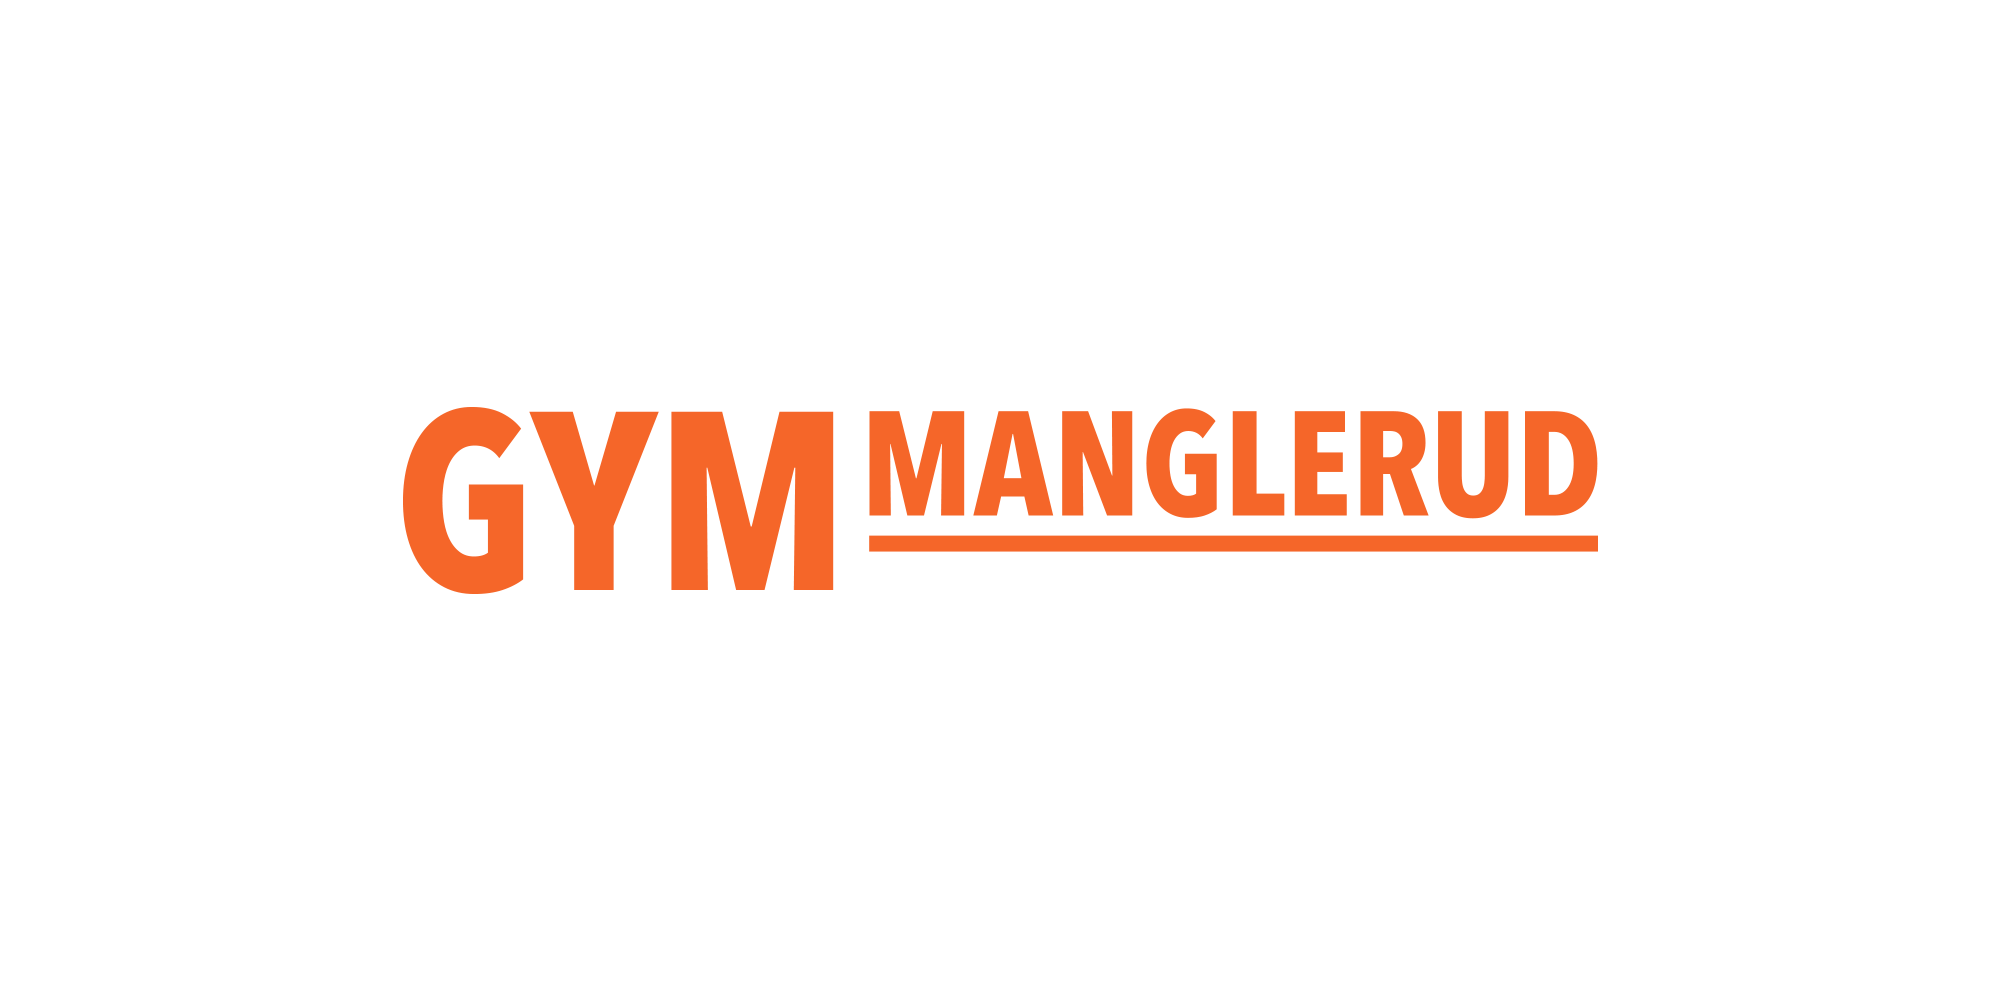 manglerud_orange.png